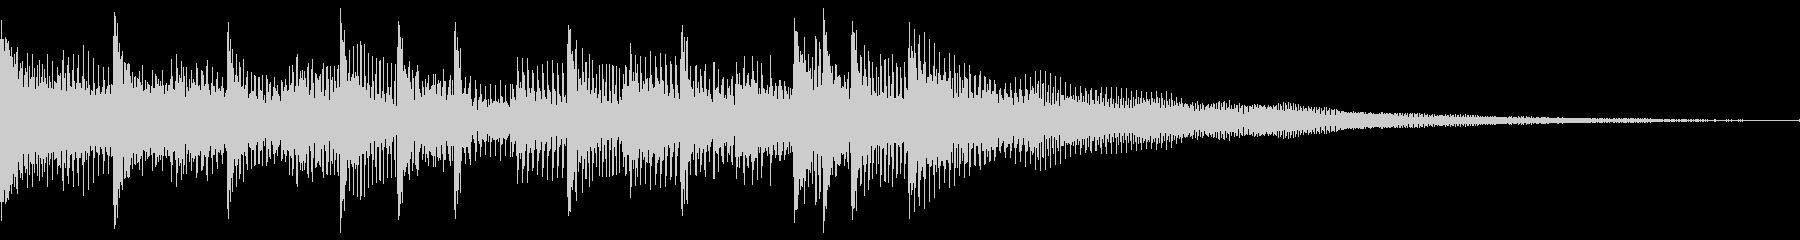 アコースティック楽器が追加された、...の未再生の波形